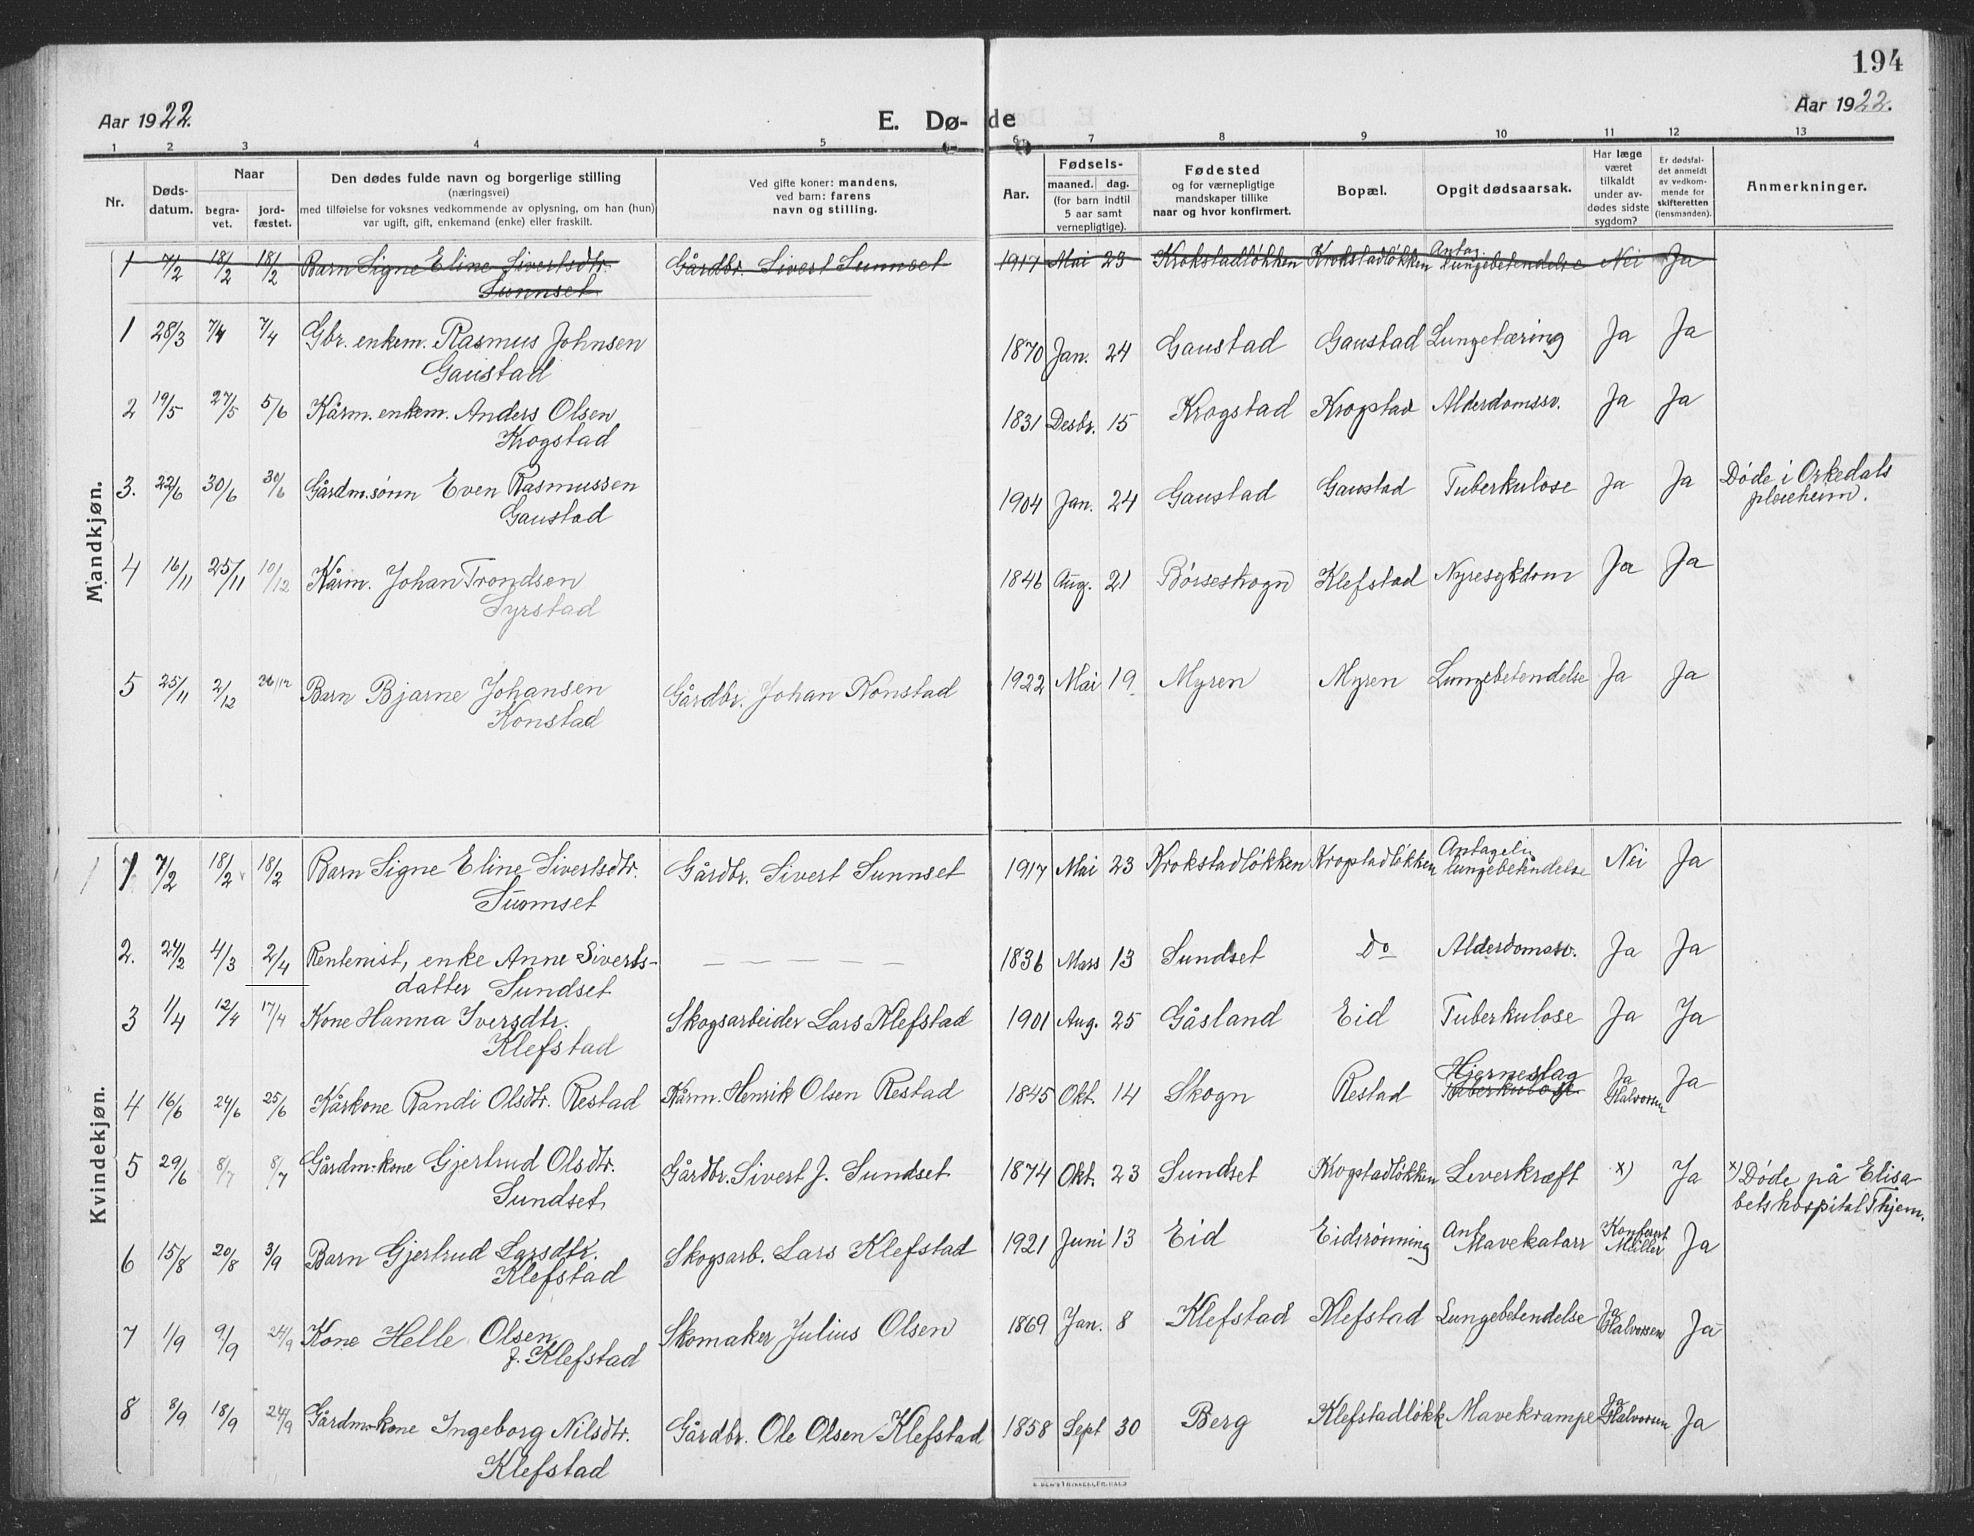 SAT, Ministerialprotokoller, klokkerbøker og fødselsregistre - Sør-Trøndelag, 694/L1134: Klokkerbok nr. 694C06, 1915-1937, s. 194